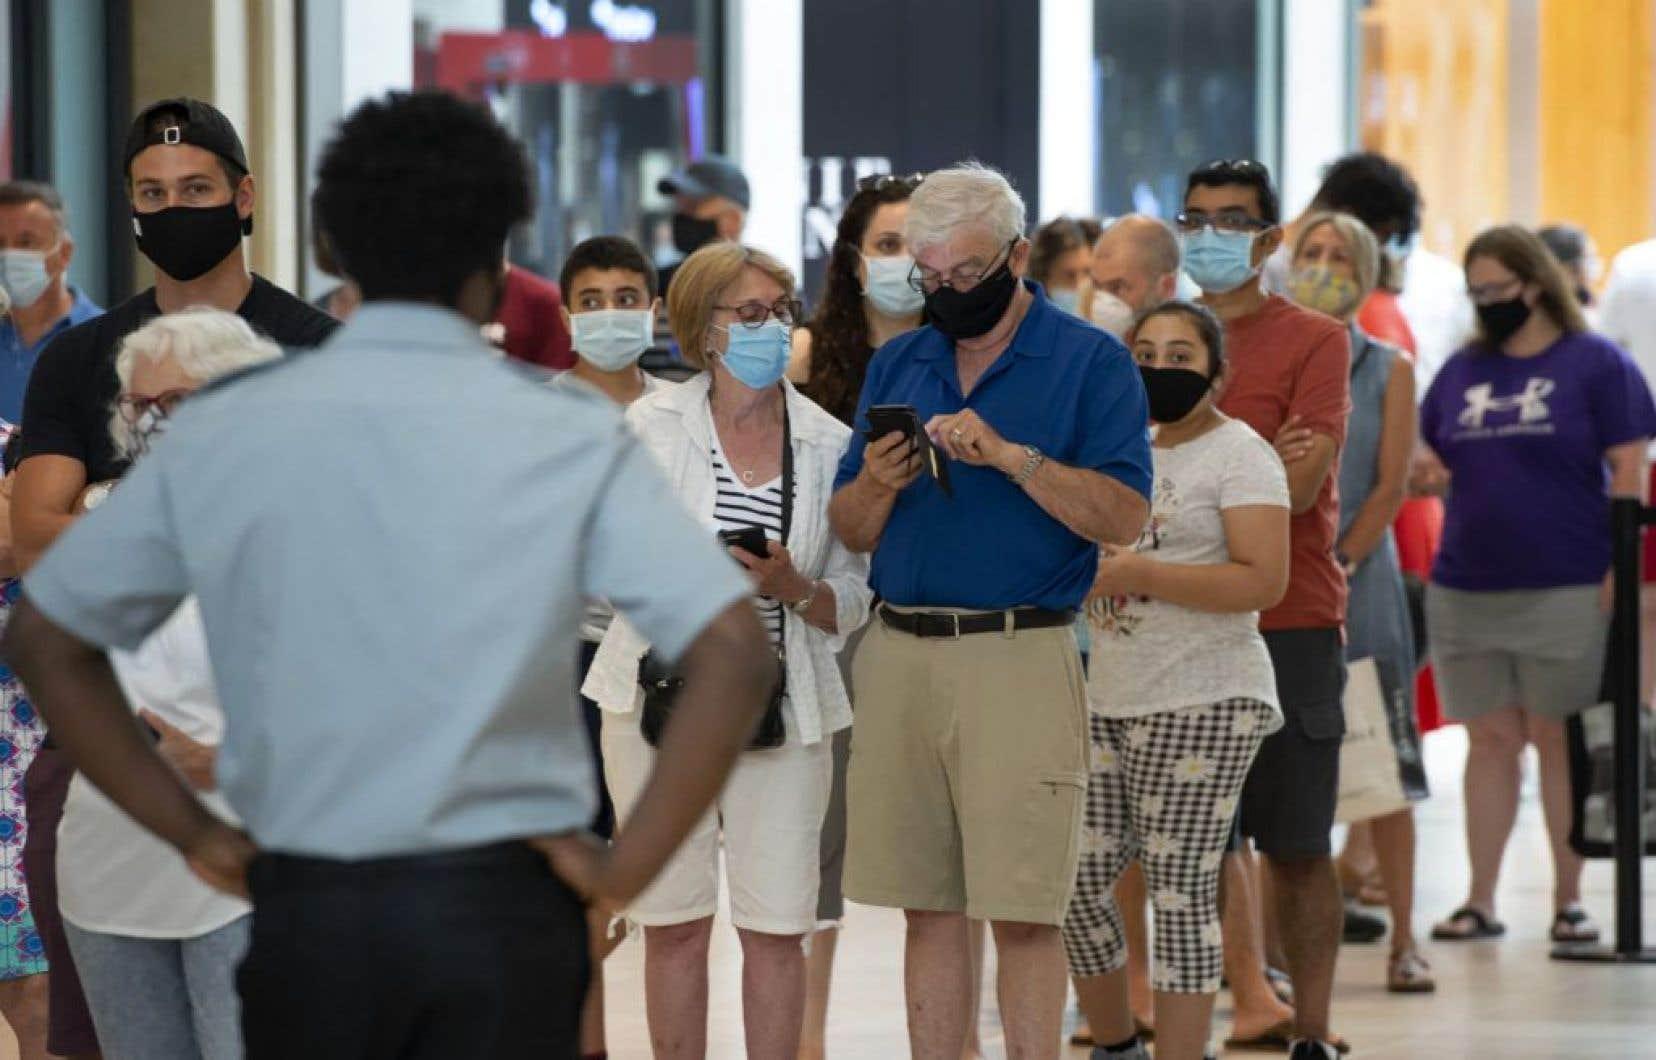 «Il semble difficile de considérer l'obligation de porter un masque comme disproportionnée alors que cette mesure cherche à sauver des vies et à éradiquer une pandémie mondiale», estime l'auteur.